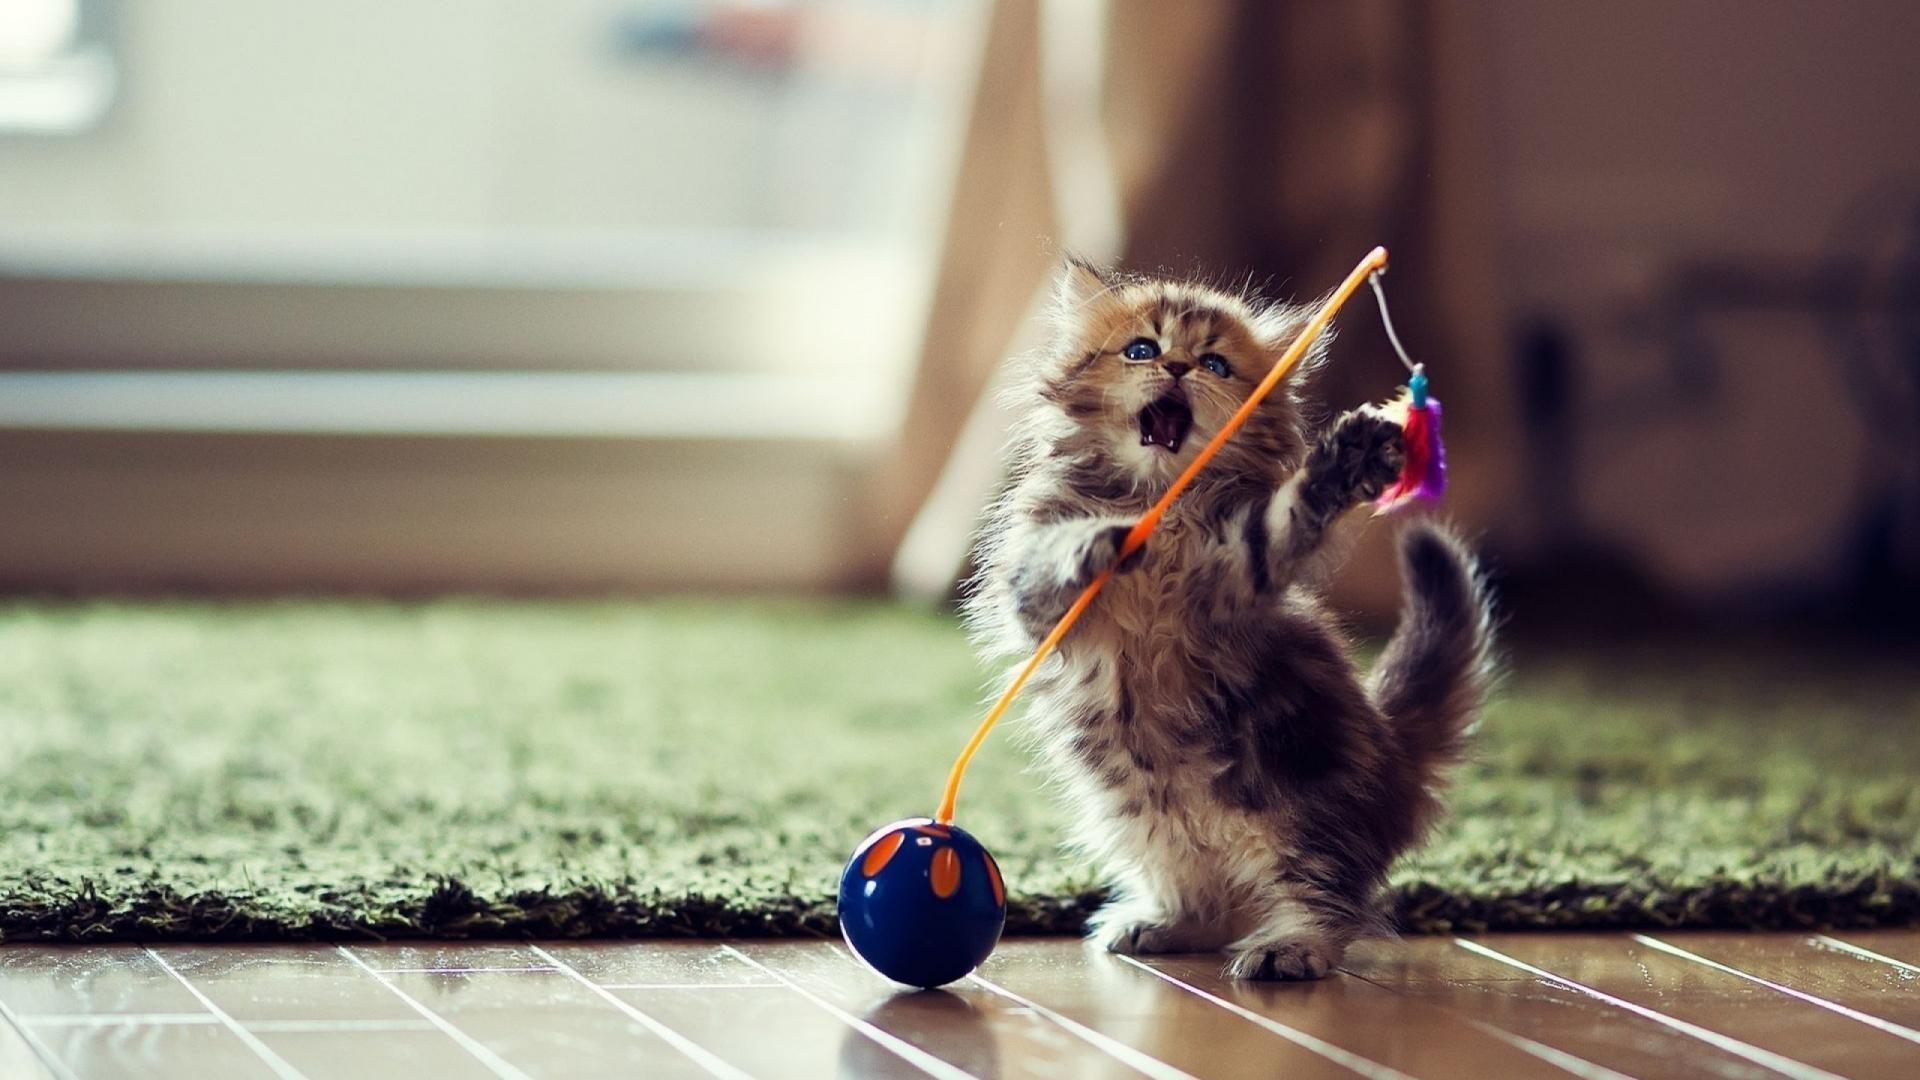 Hình nền chú mèo chơi đùa ngộ nghĩnh